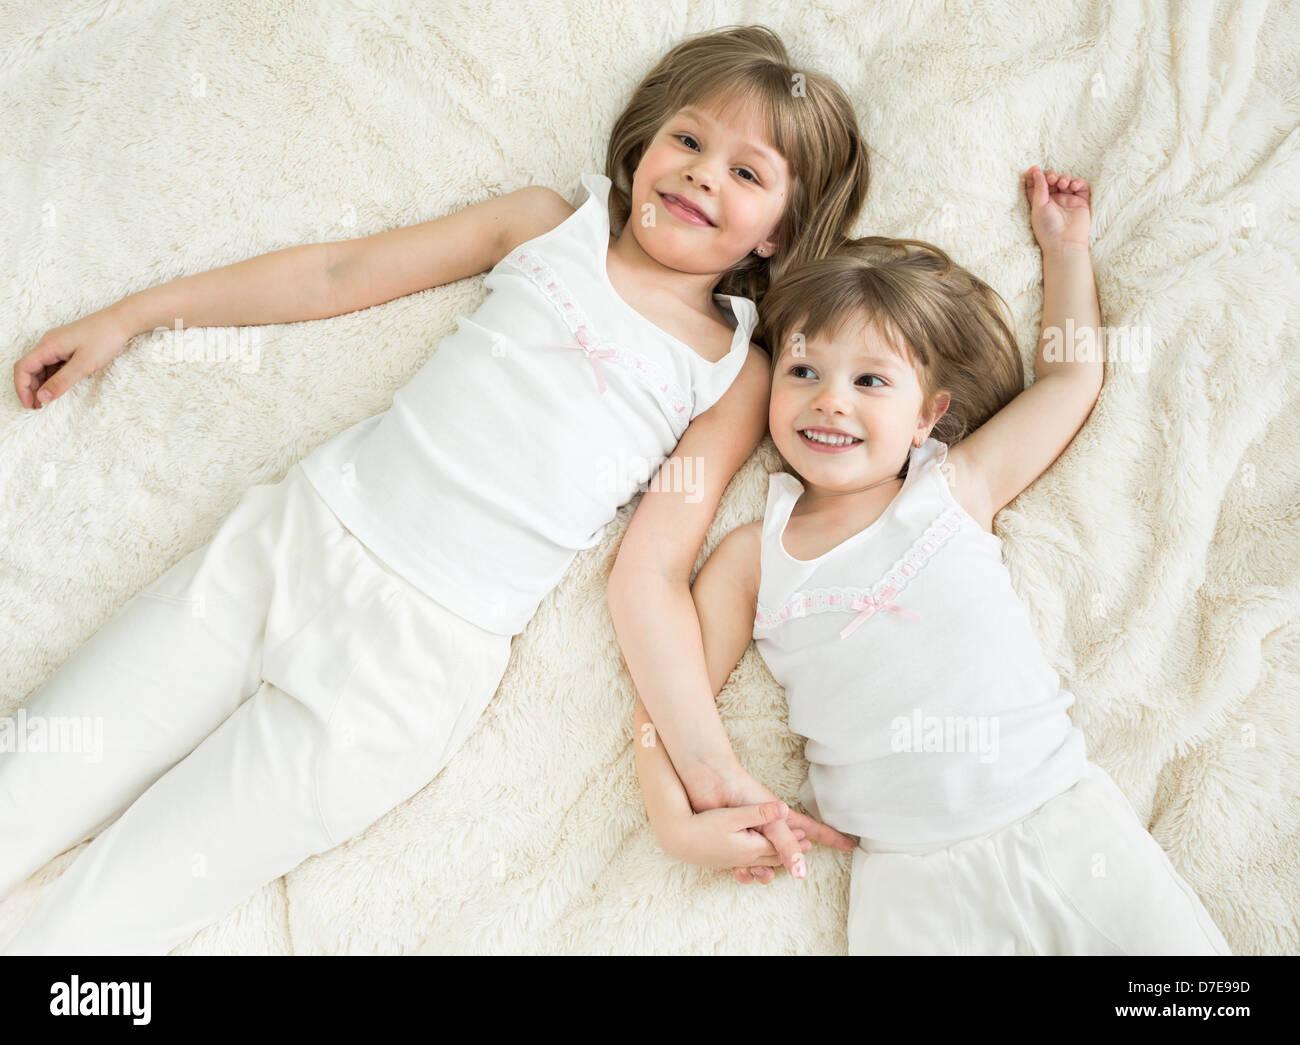 glückliche kleine Schwestern liegen wieder Draufsicht Stockbild